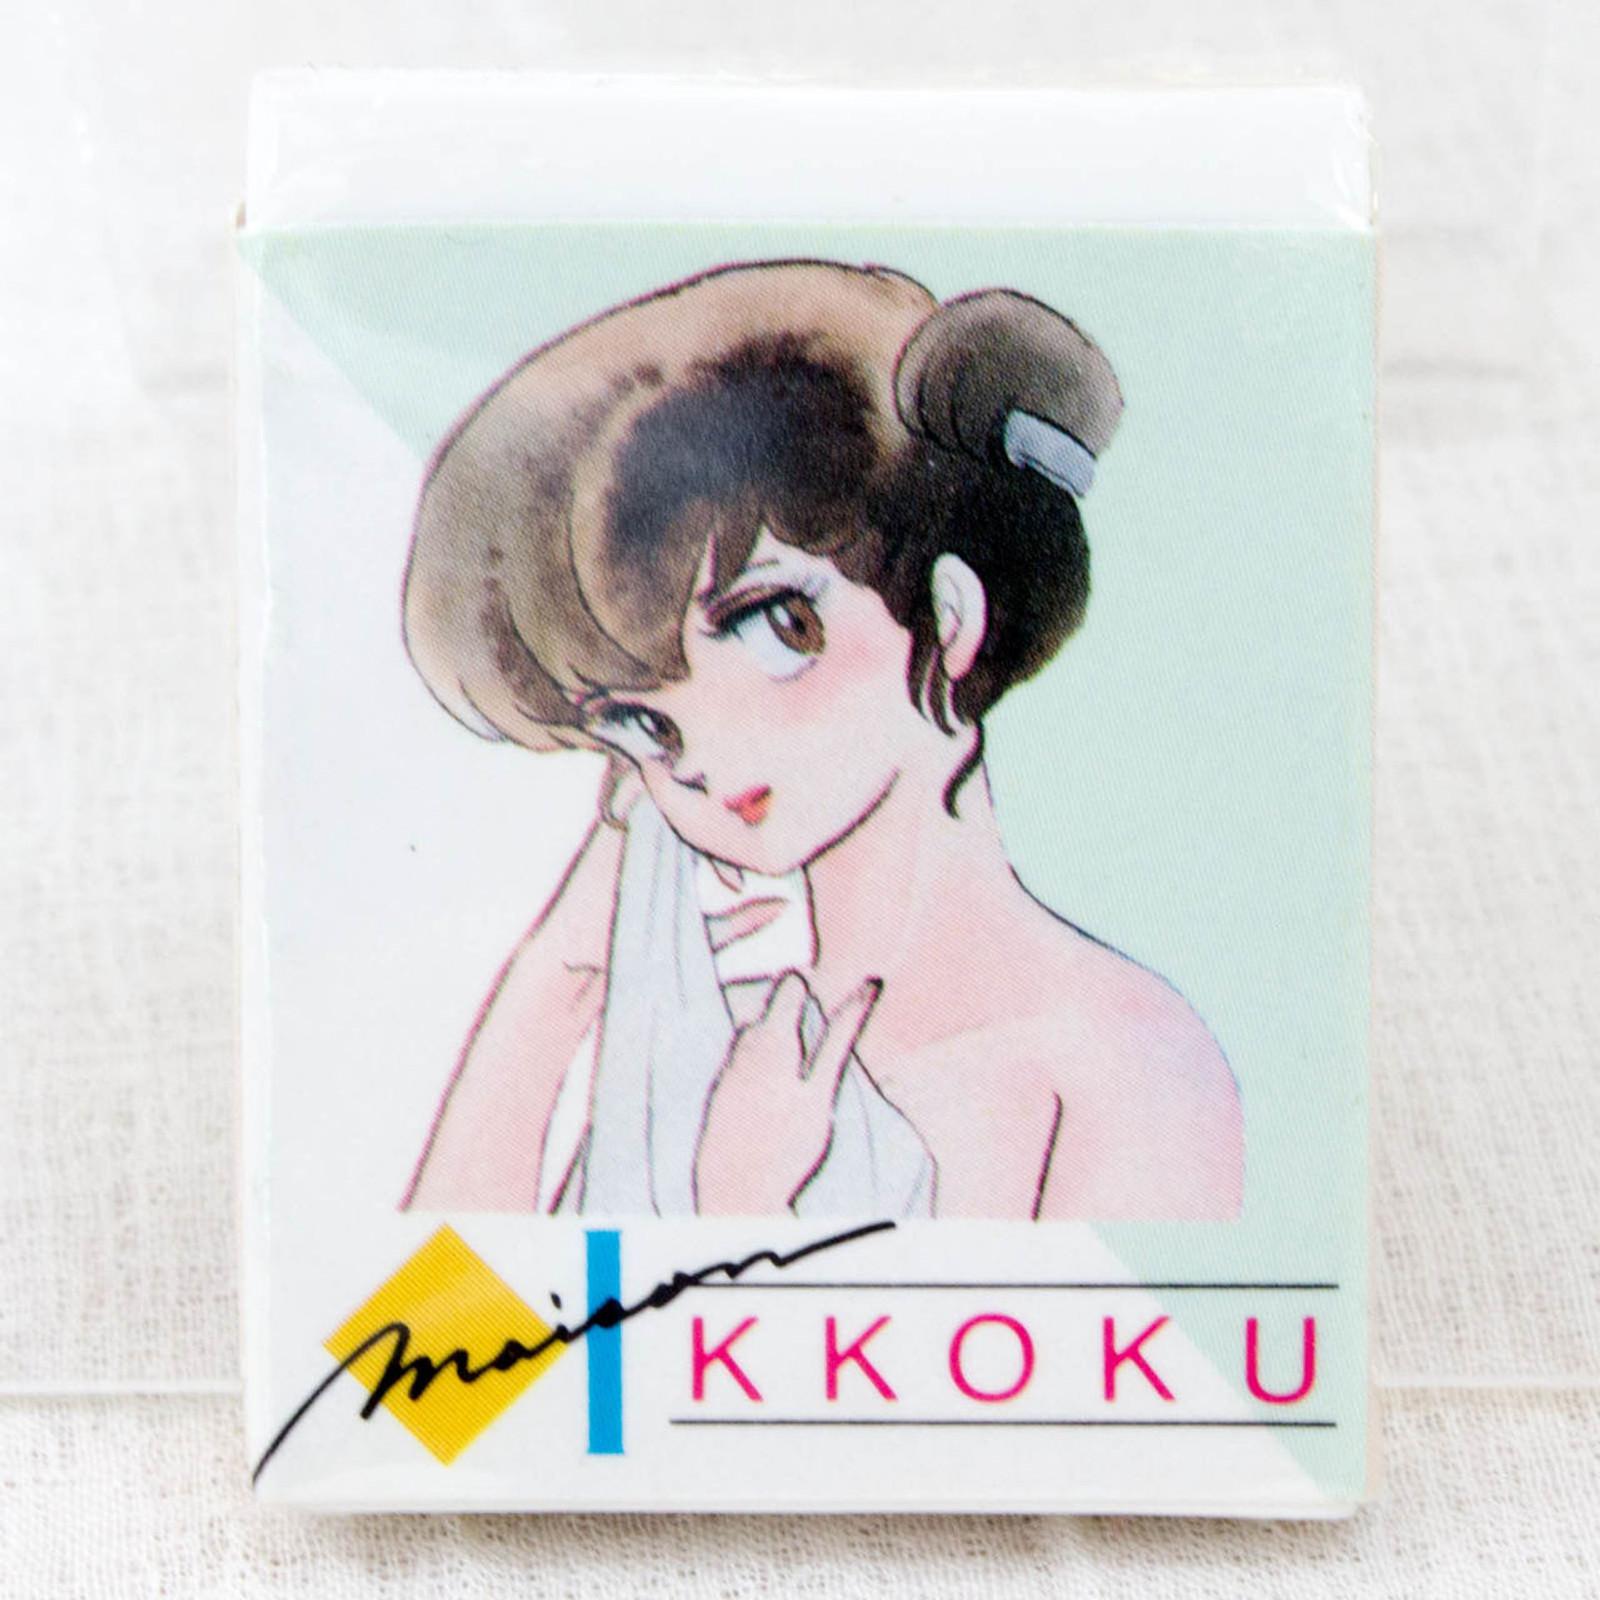 Maison Ikkoku Otonashi Kyoko Eraser JAPAN ANIME MANGA RUMIKO TAKAHASHI